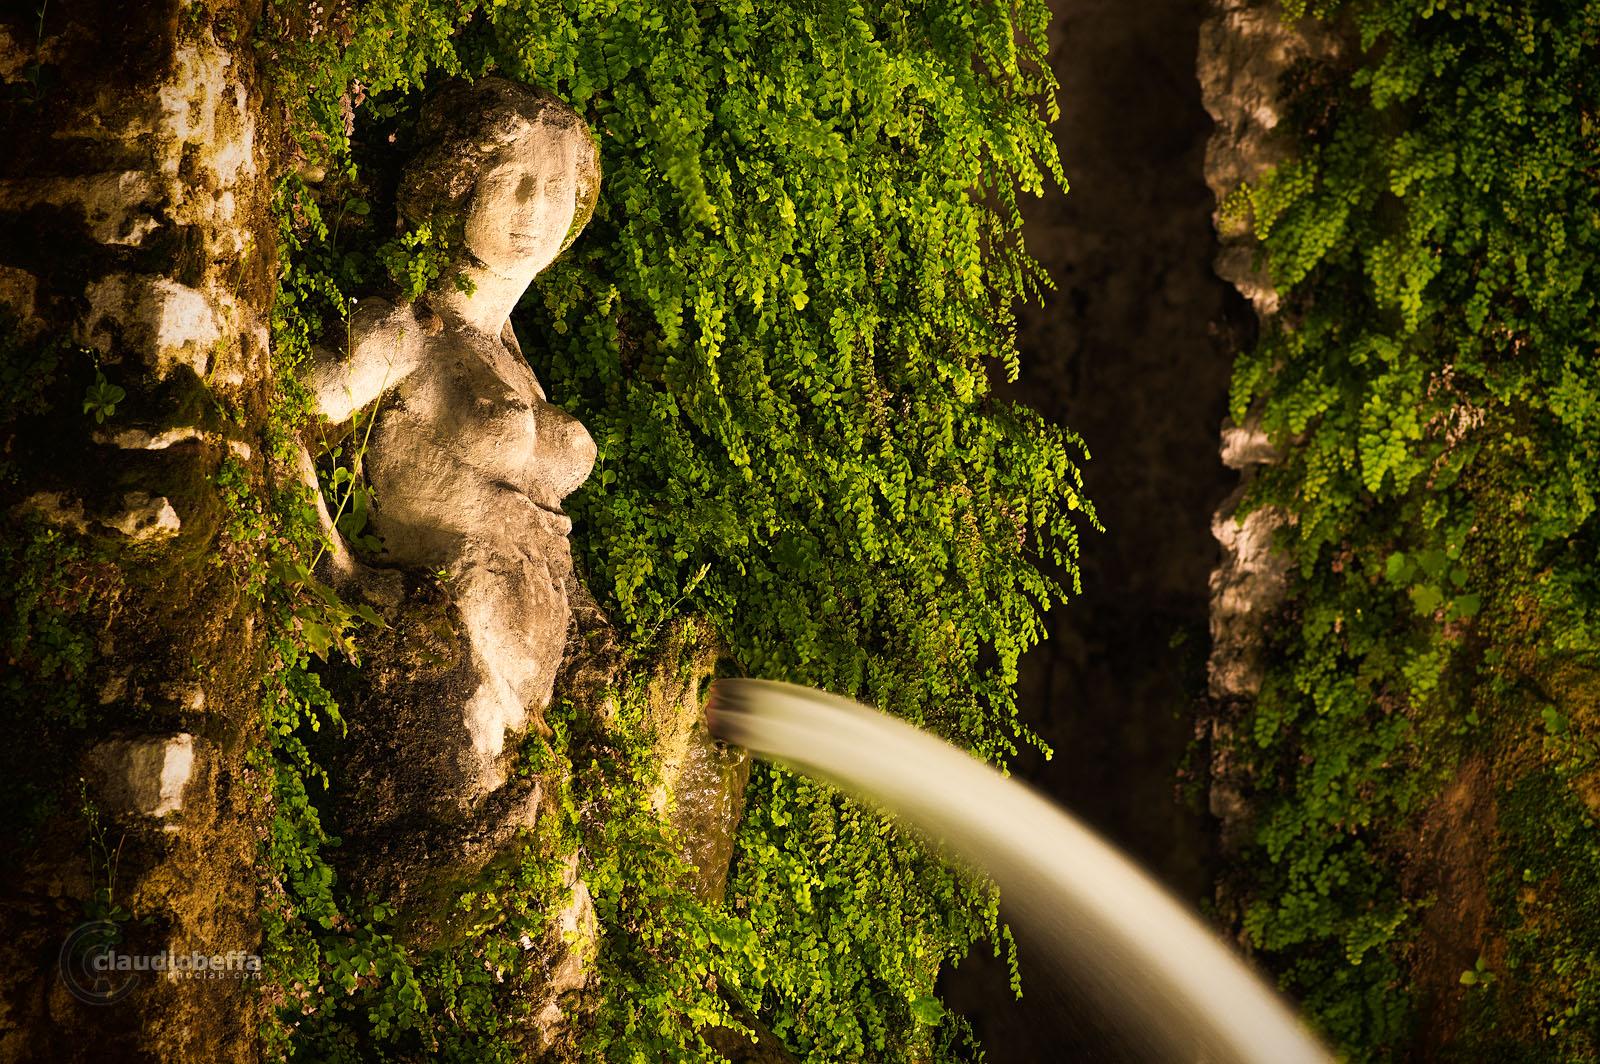 Water nymph, Villa d'Este, Garden, Fountain, Water, Tivoli, Italy